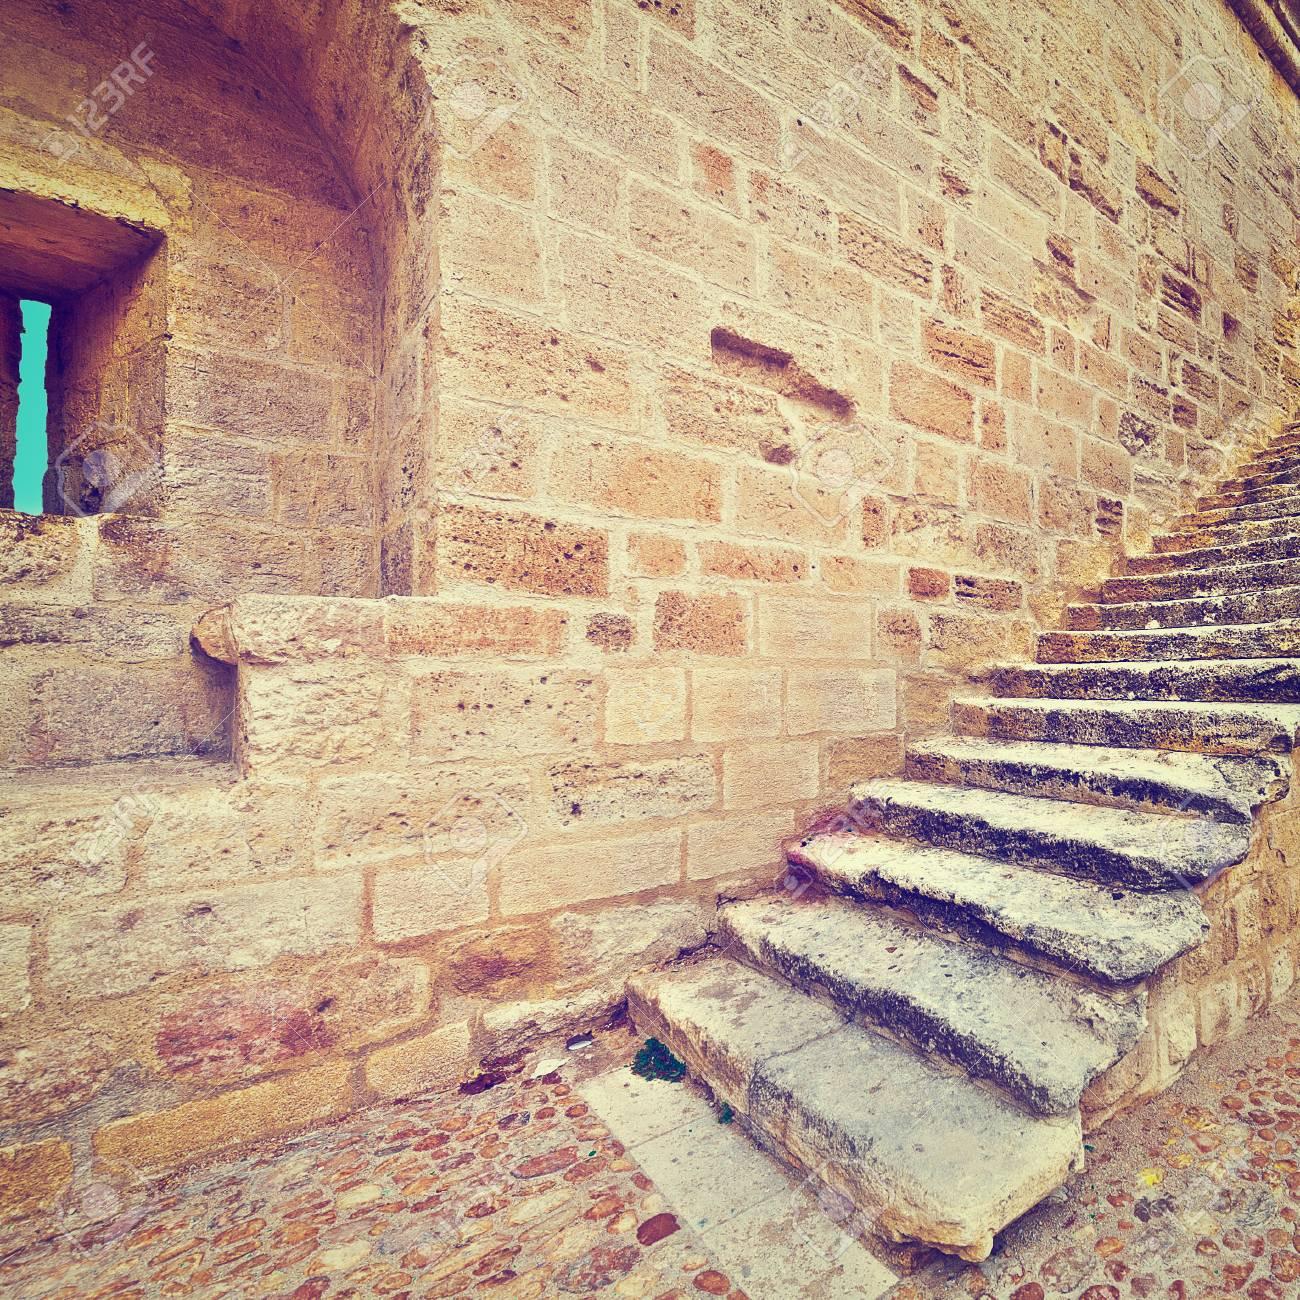 Crusader Festung Von Aigues Mortes In Frankreich Vintage Style